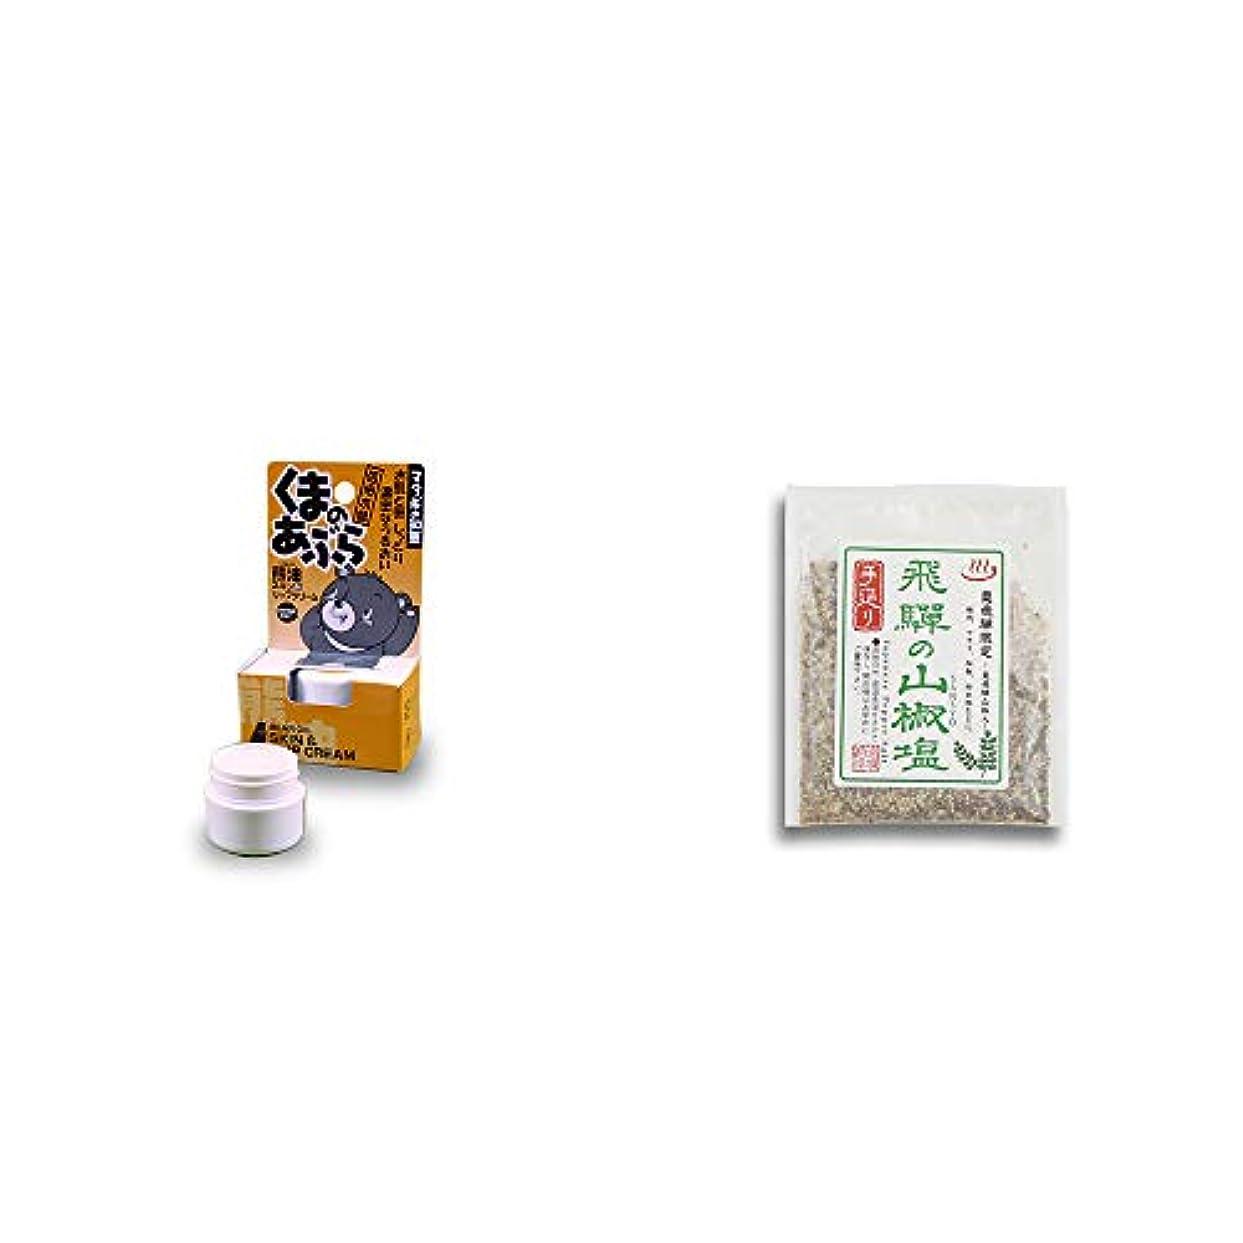 スチュワーデスどこにも伝記[2点セット] 信州木曽 くまのあぶら 熊油スキン&リップクリーム(9g)?手造り 飛騨の山椒塩(40g)